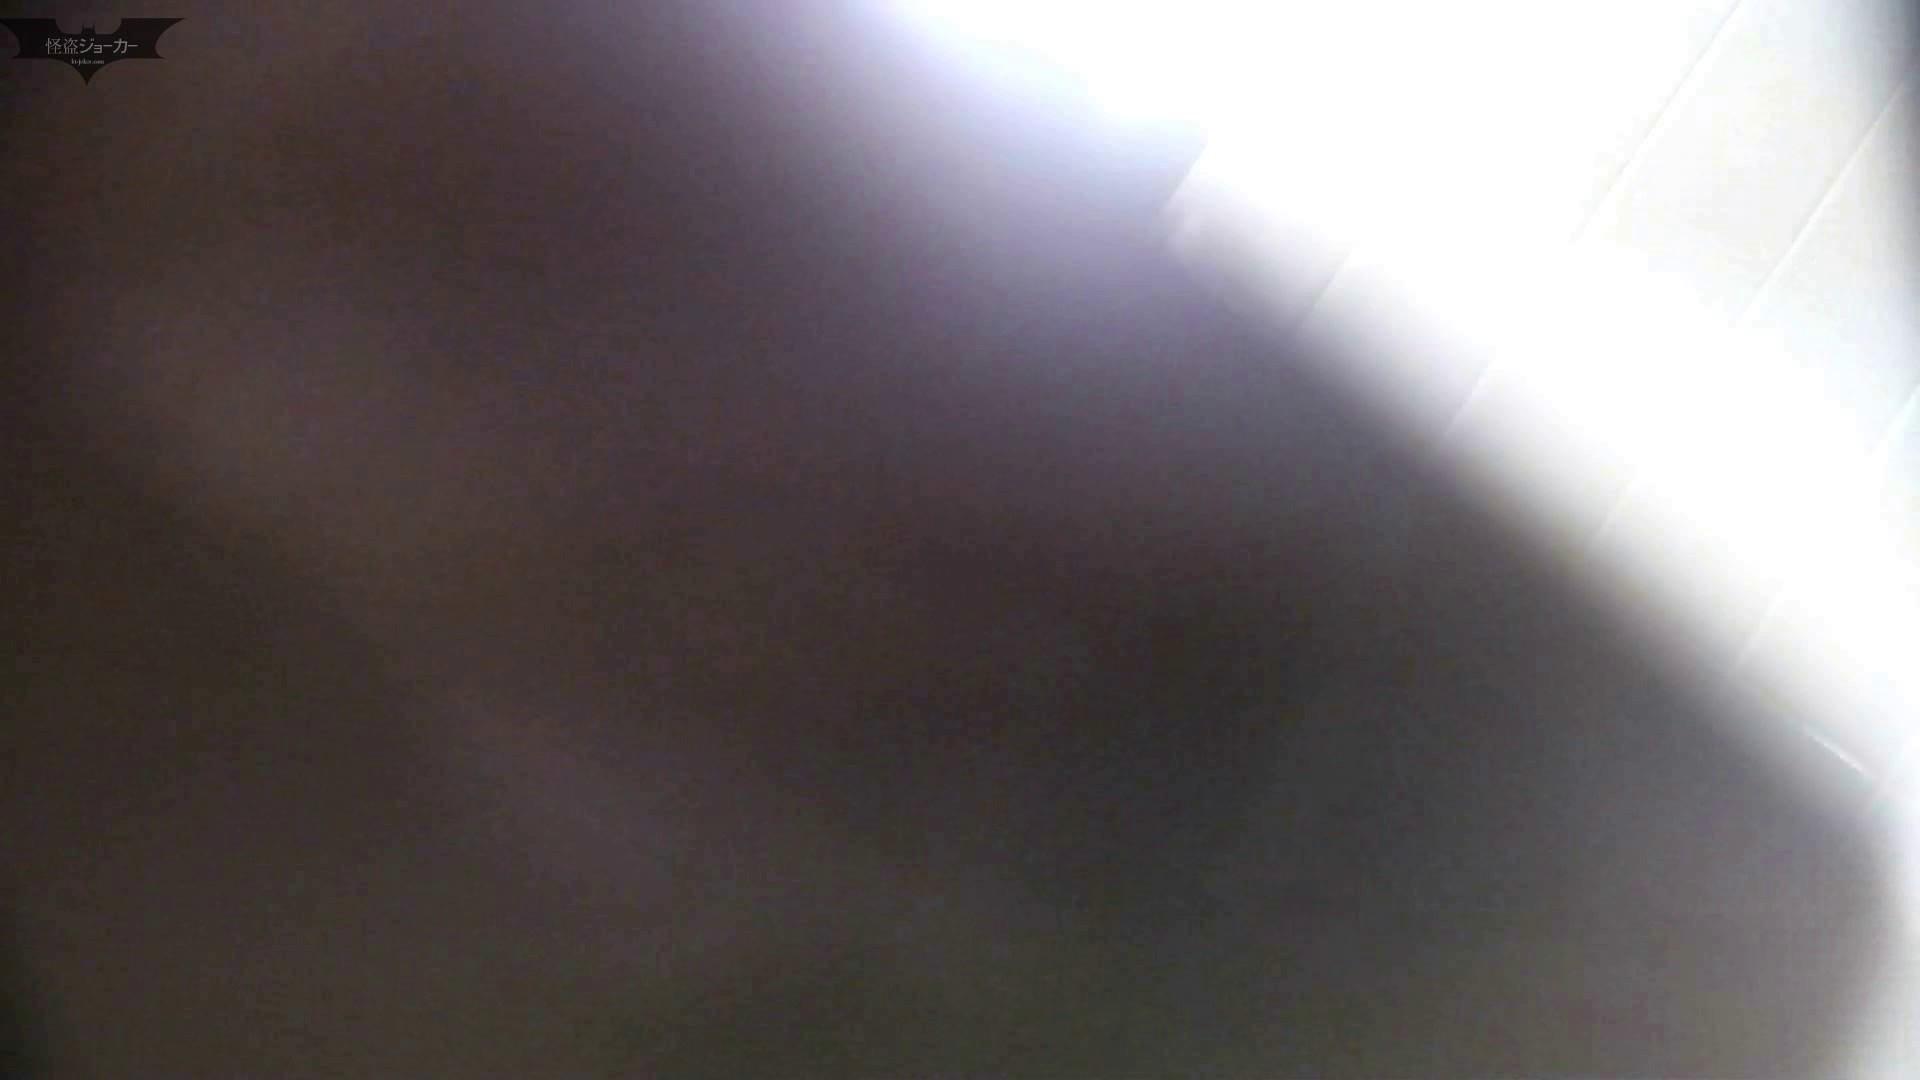 お銀さんの「洗面所突入レポート!!」 vol.53 冬到来!美女も到来! 美女のボディ | 洗面所  91PIX 69